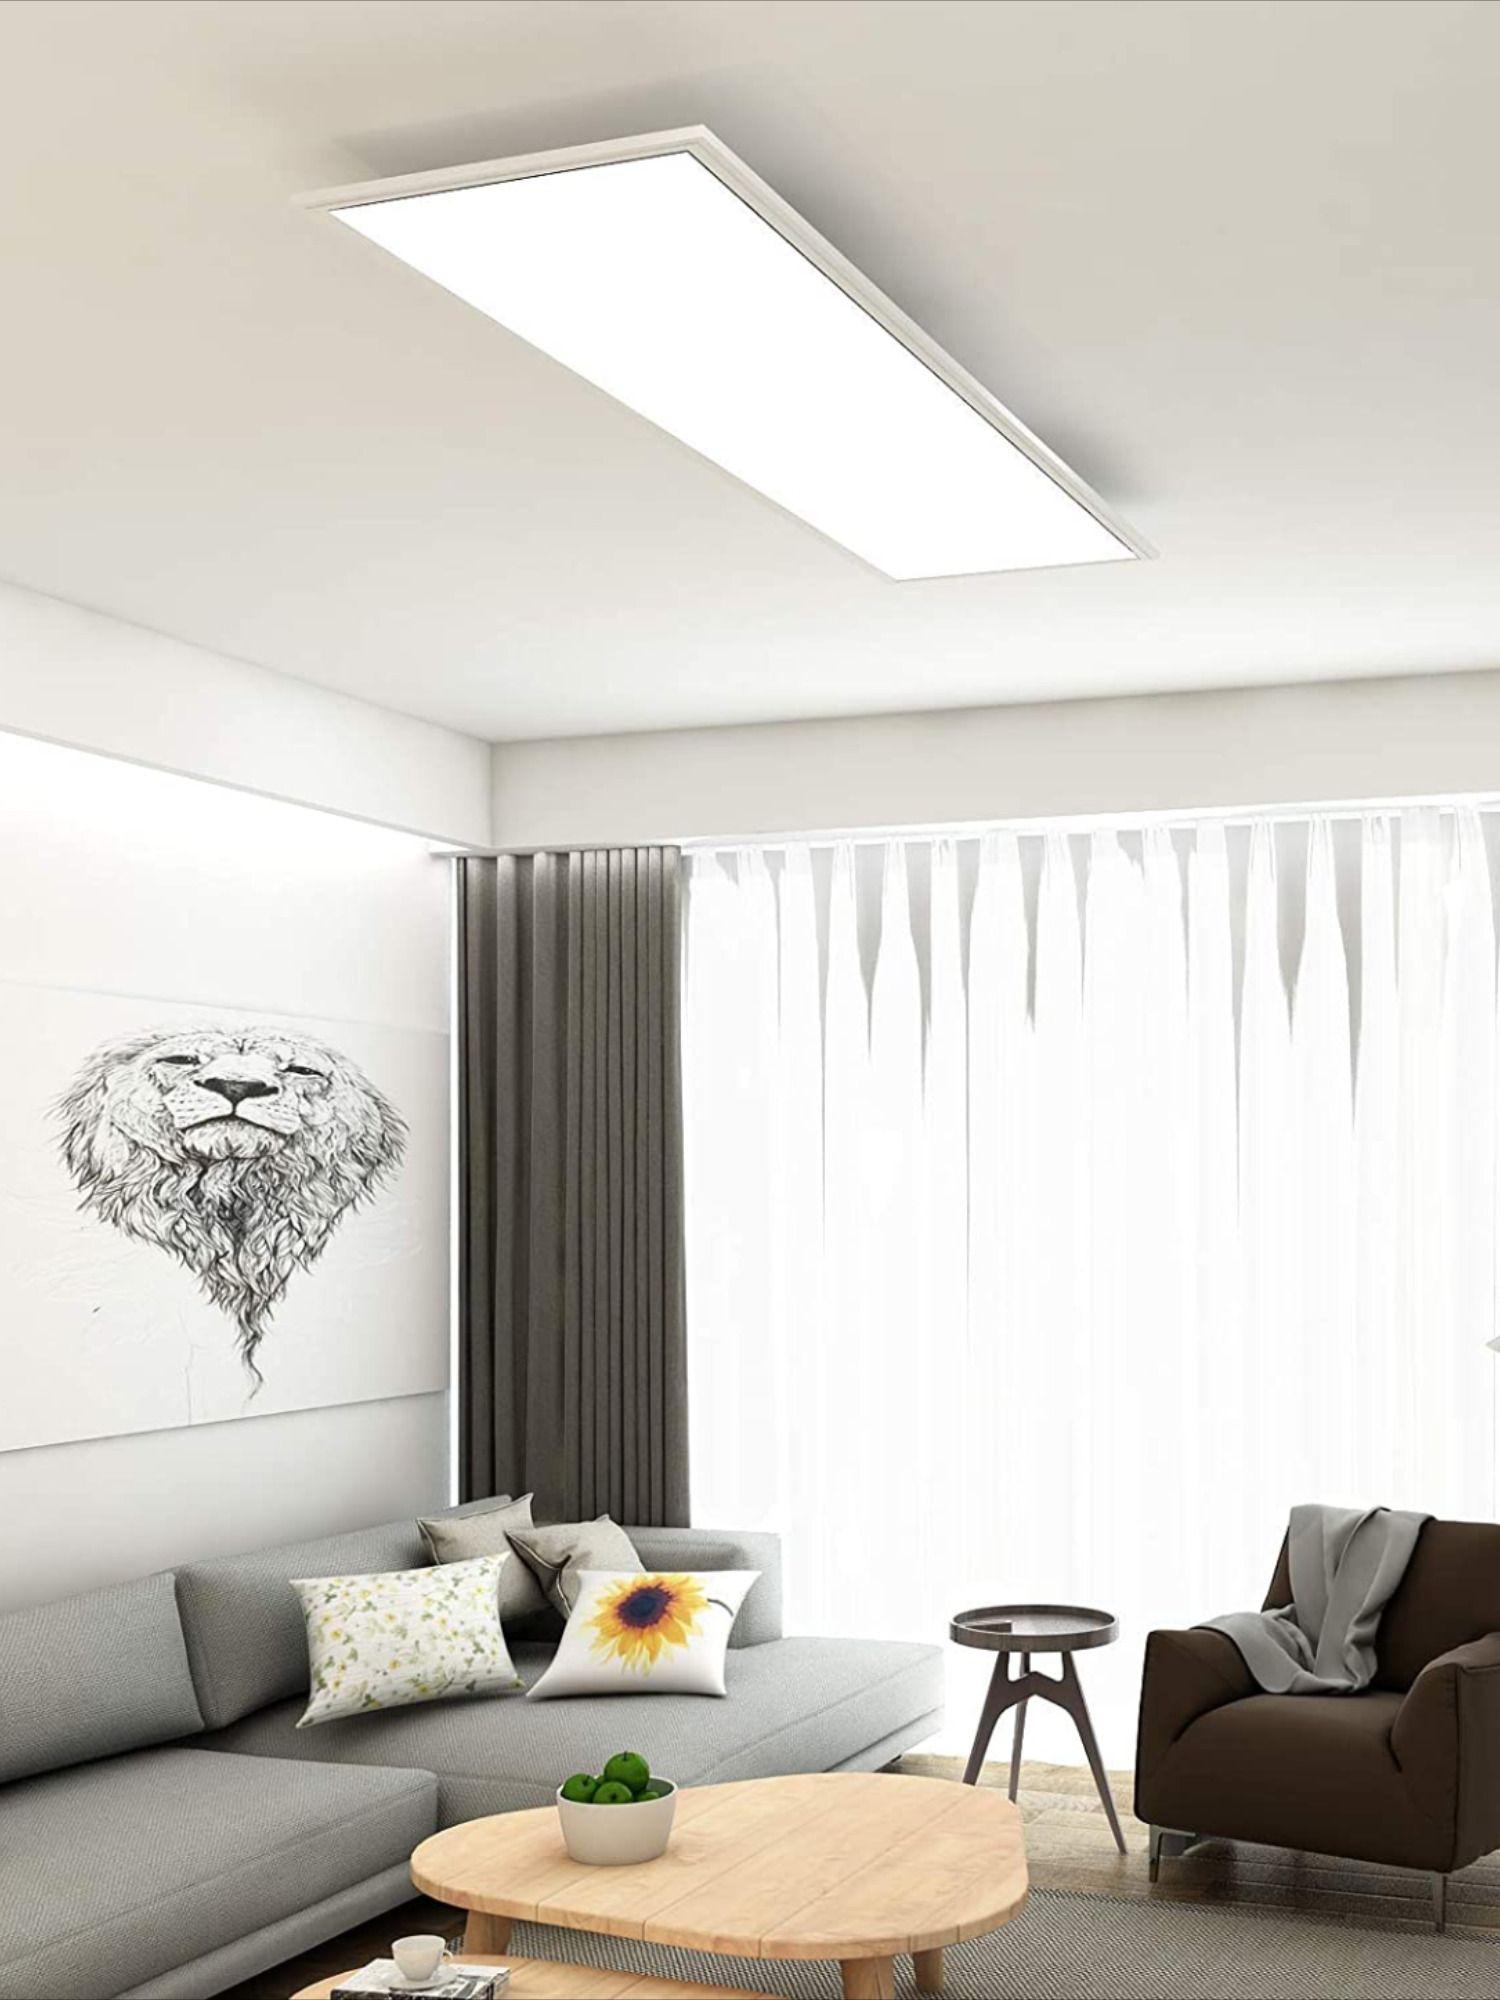 Wohnzimmer Deckenleuchte  Led-panel, Deckenlampe, Led